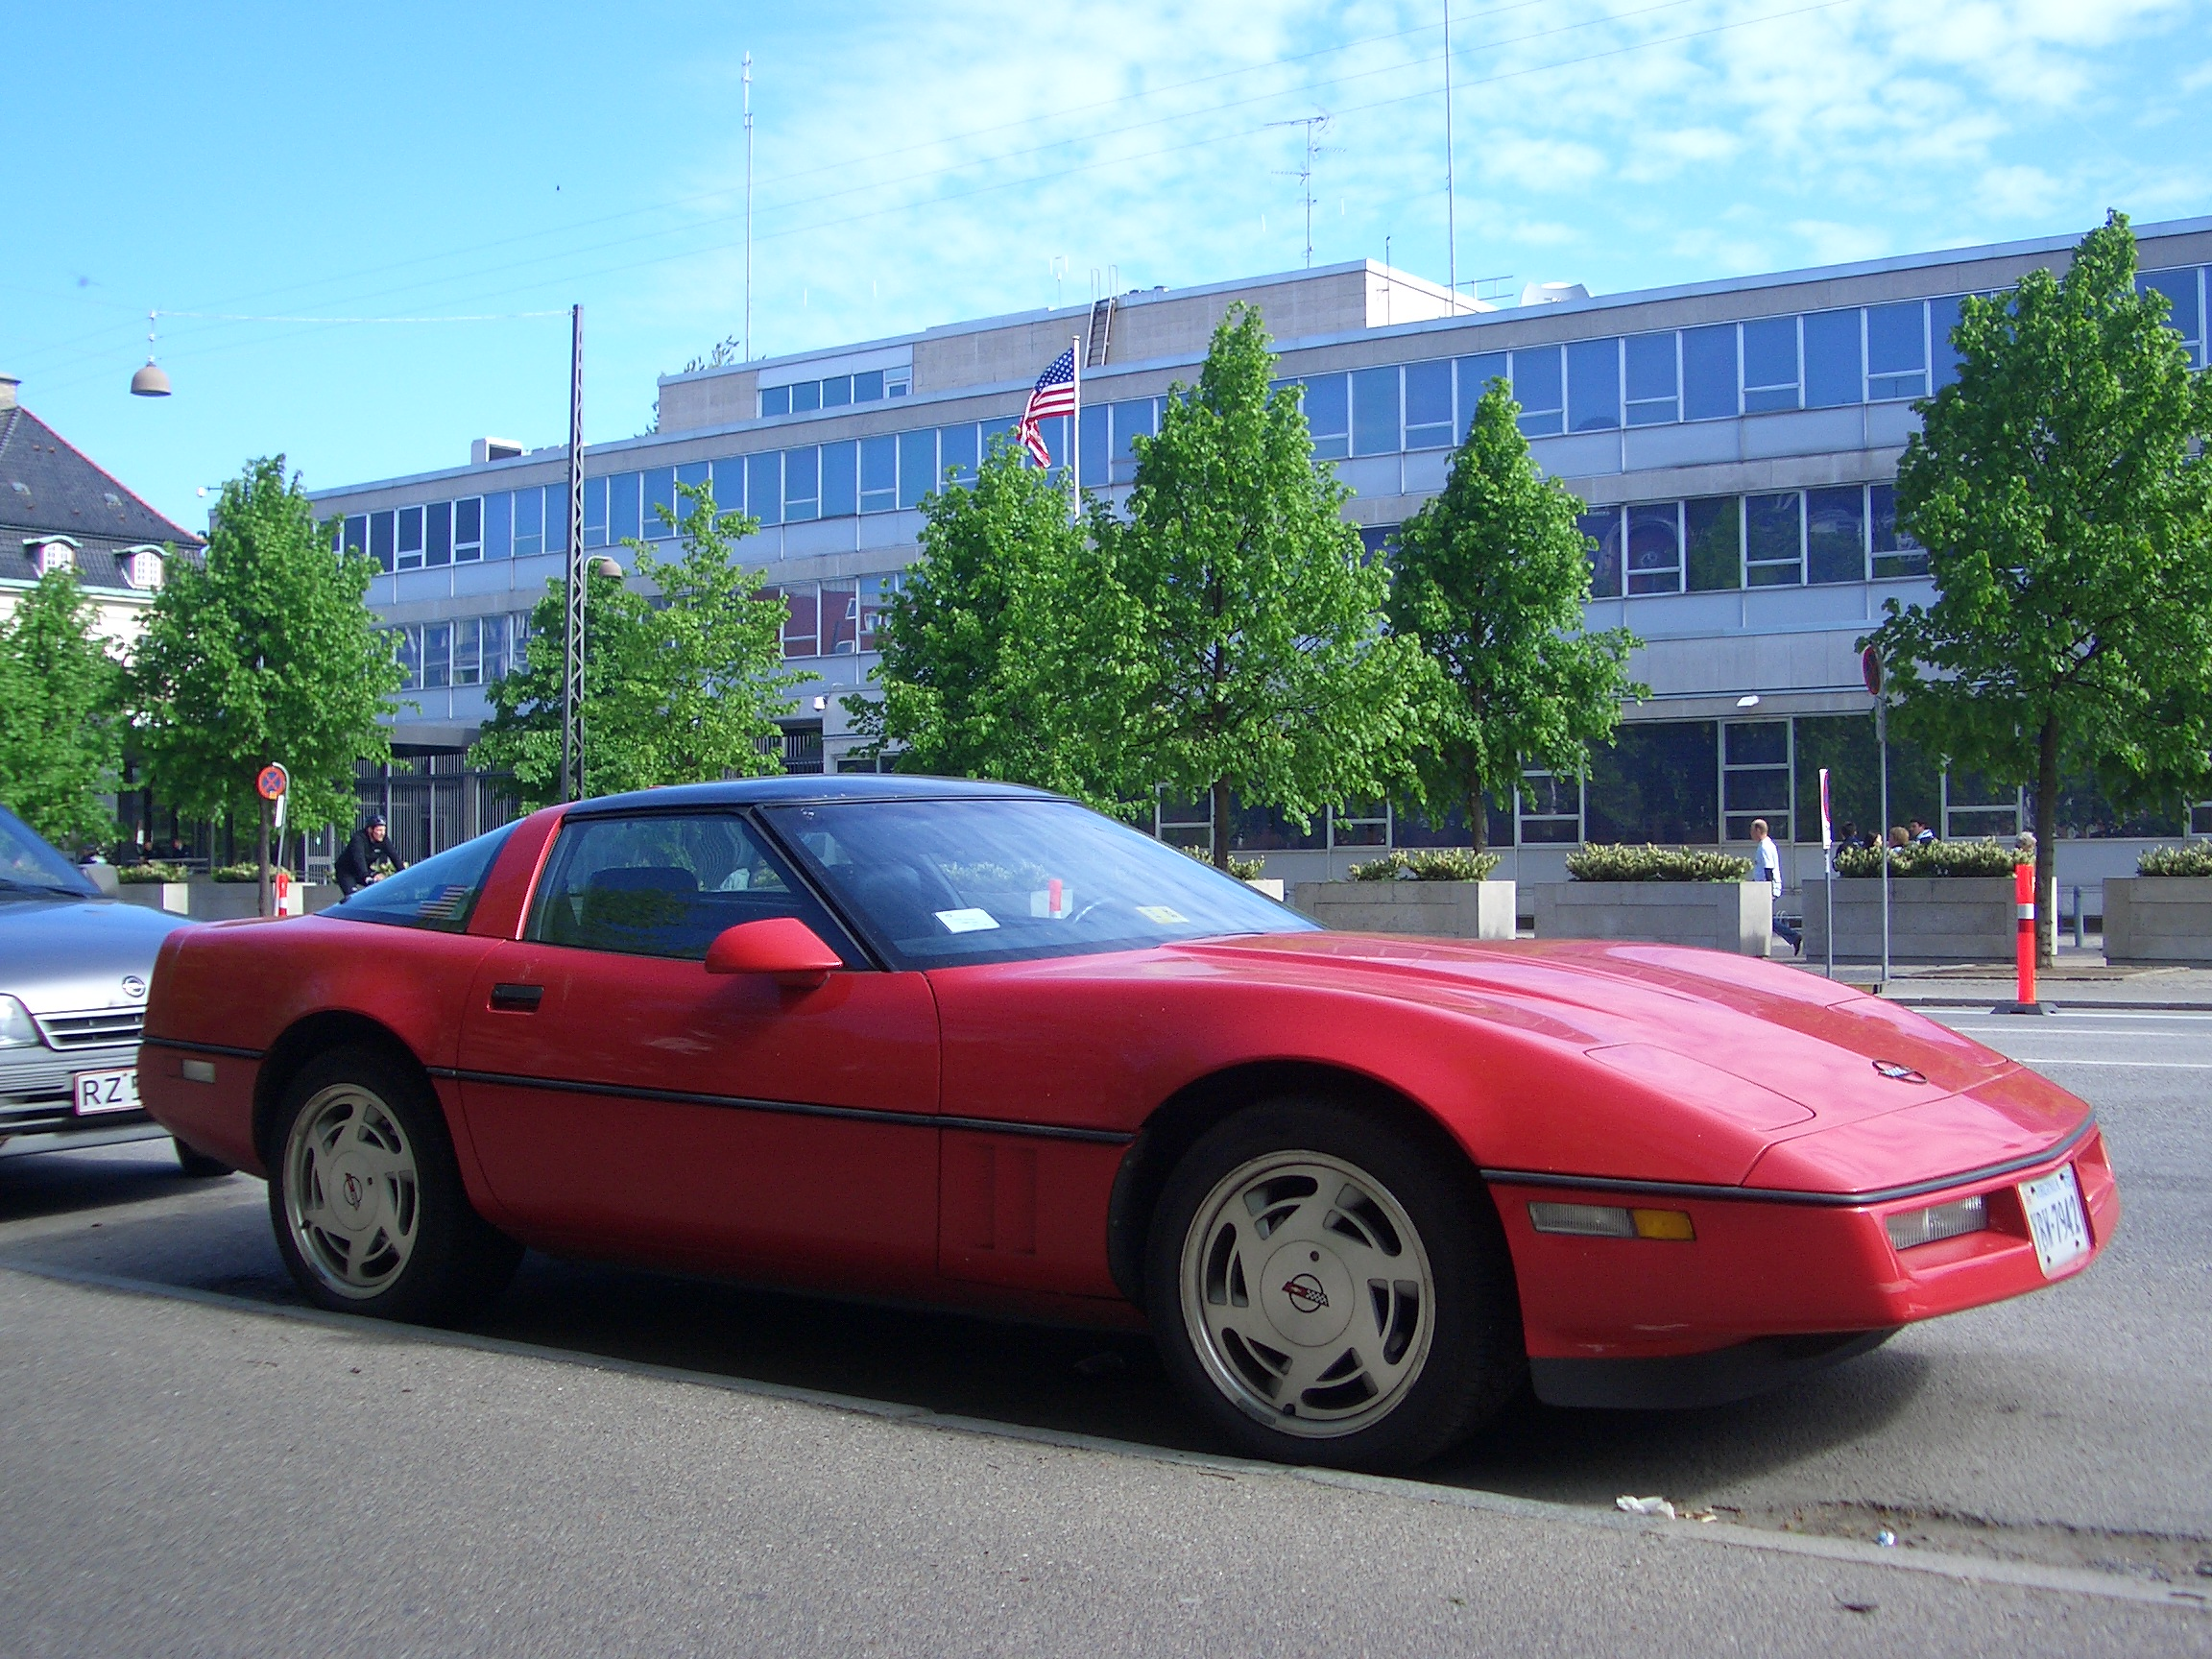 1983 Corvette Wallpapers